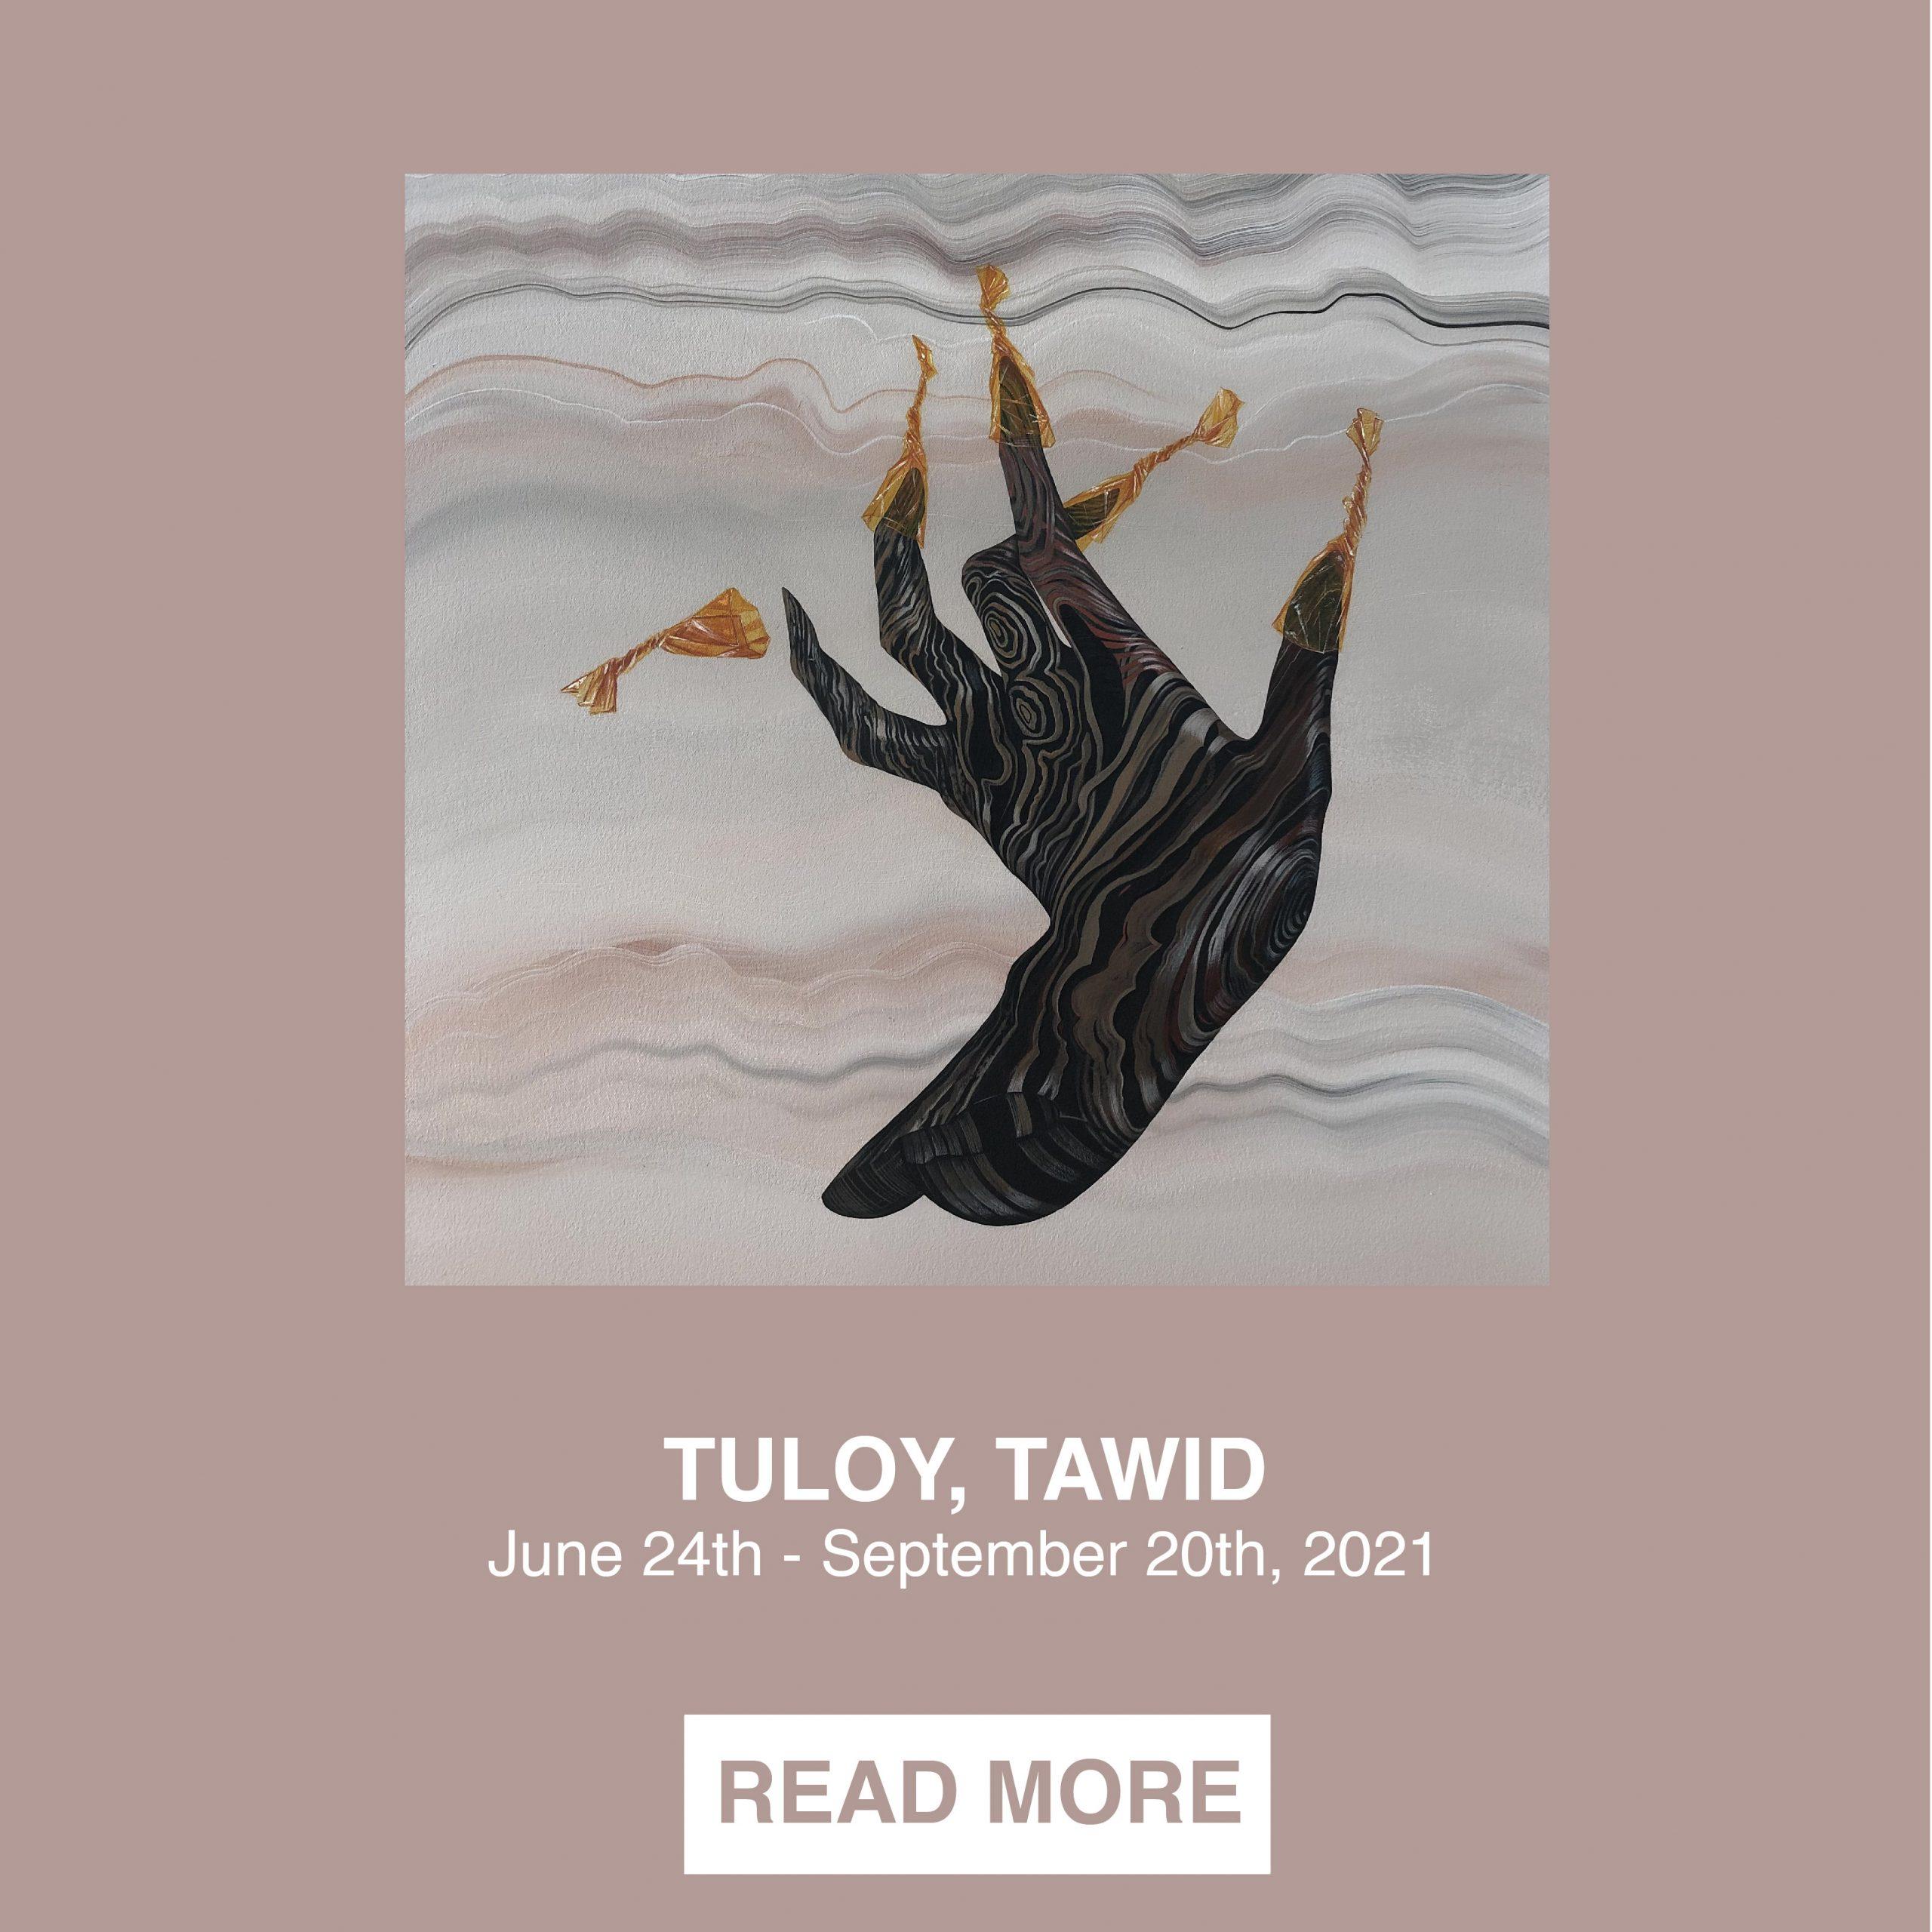 Tuloy, Tawid